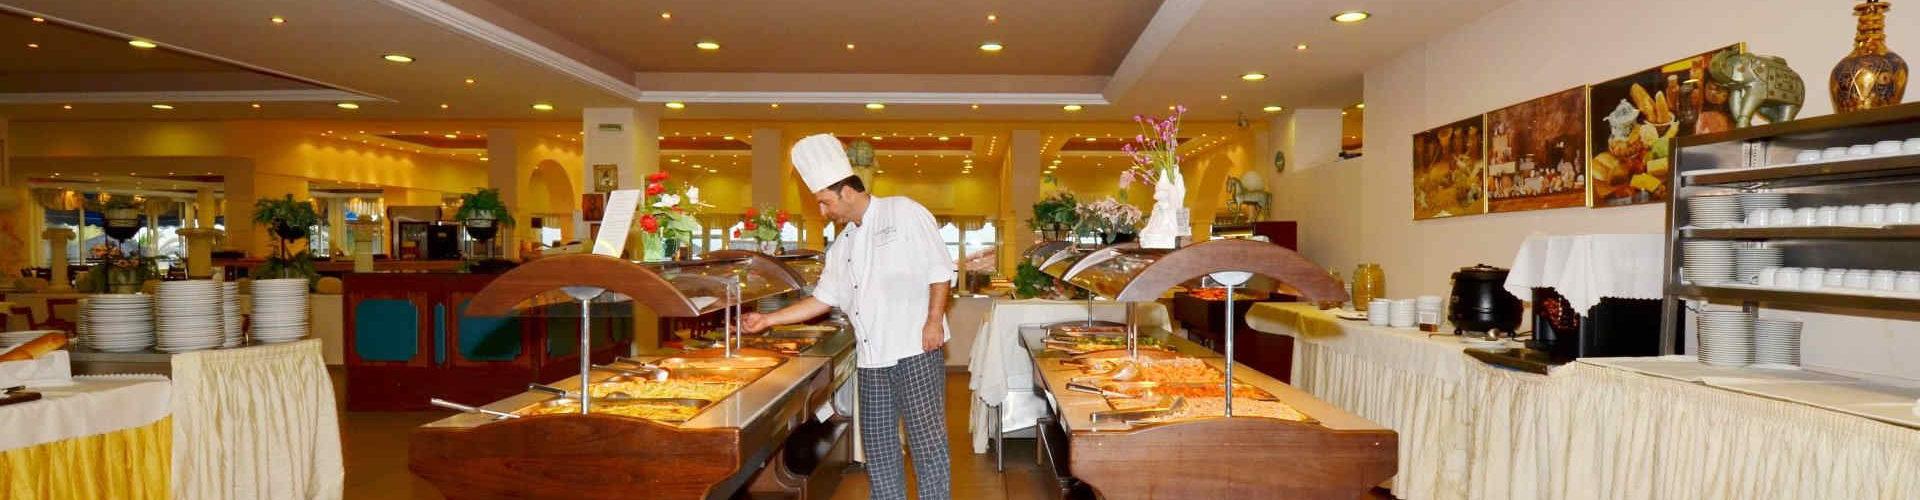 SHR Restaurant 12